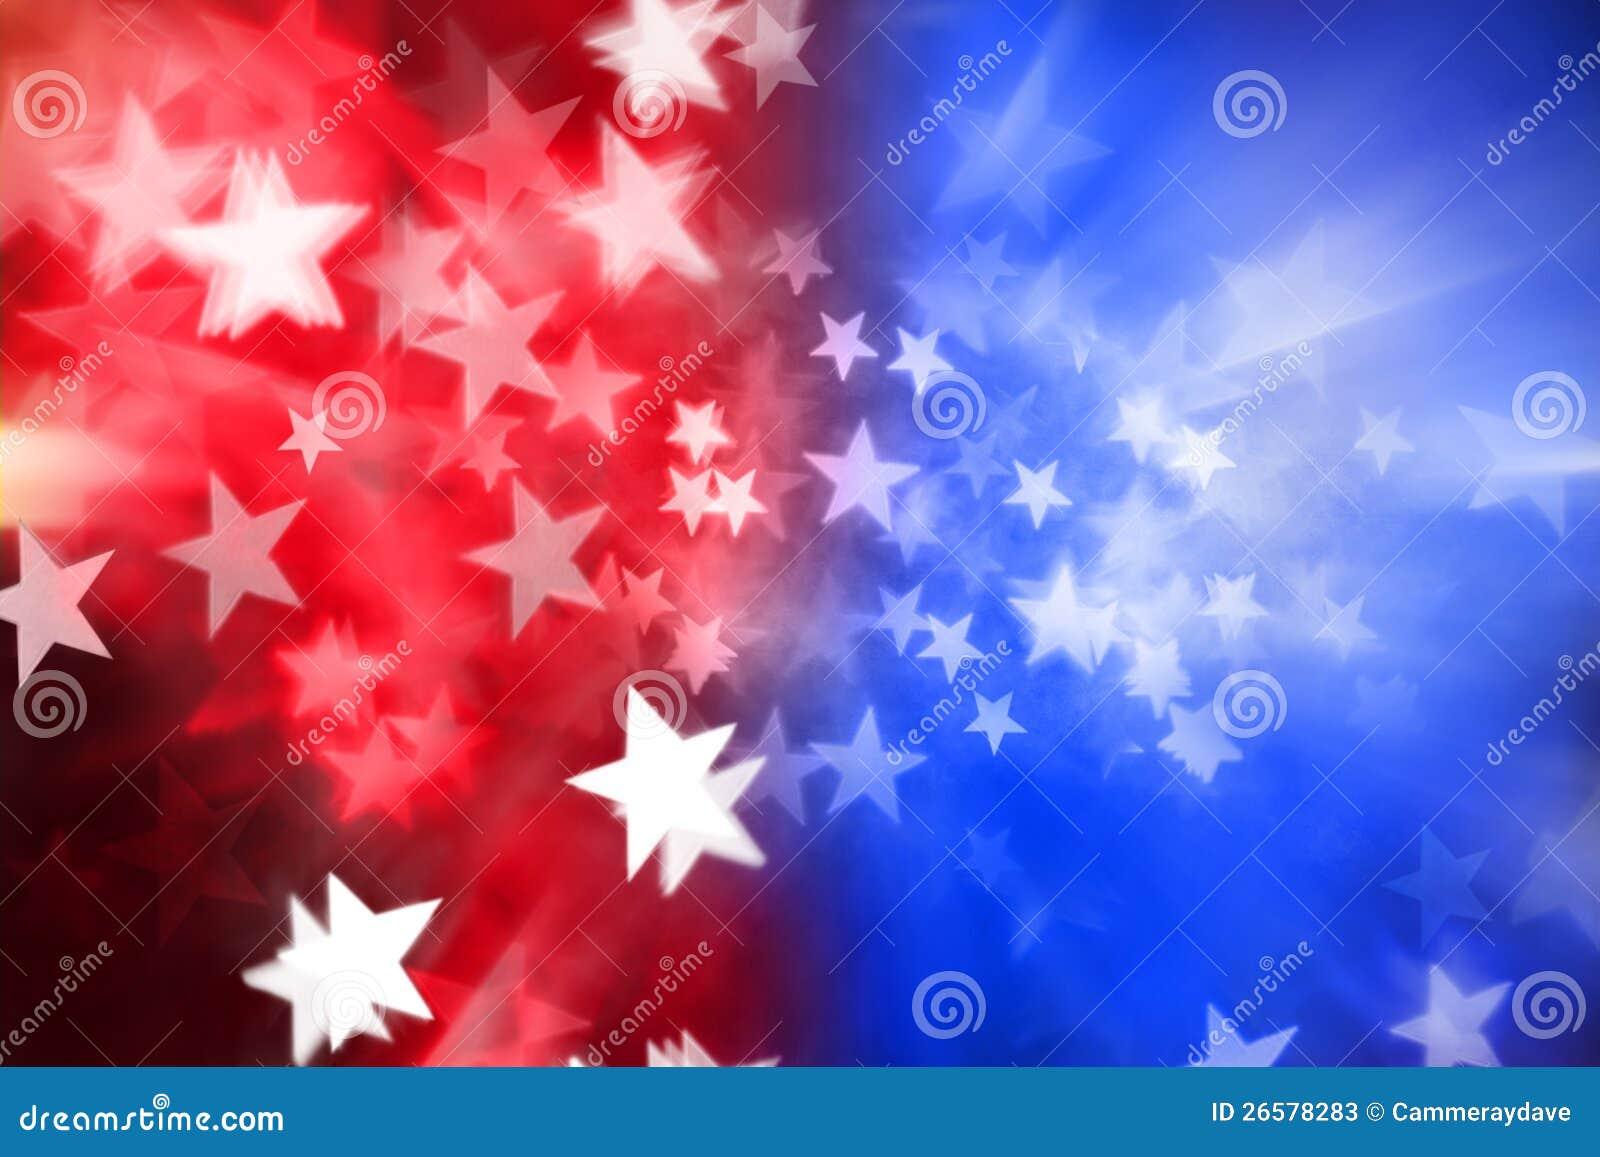 Un fondo americano patriótico abstracto con colores blancos y azules ...